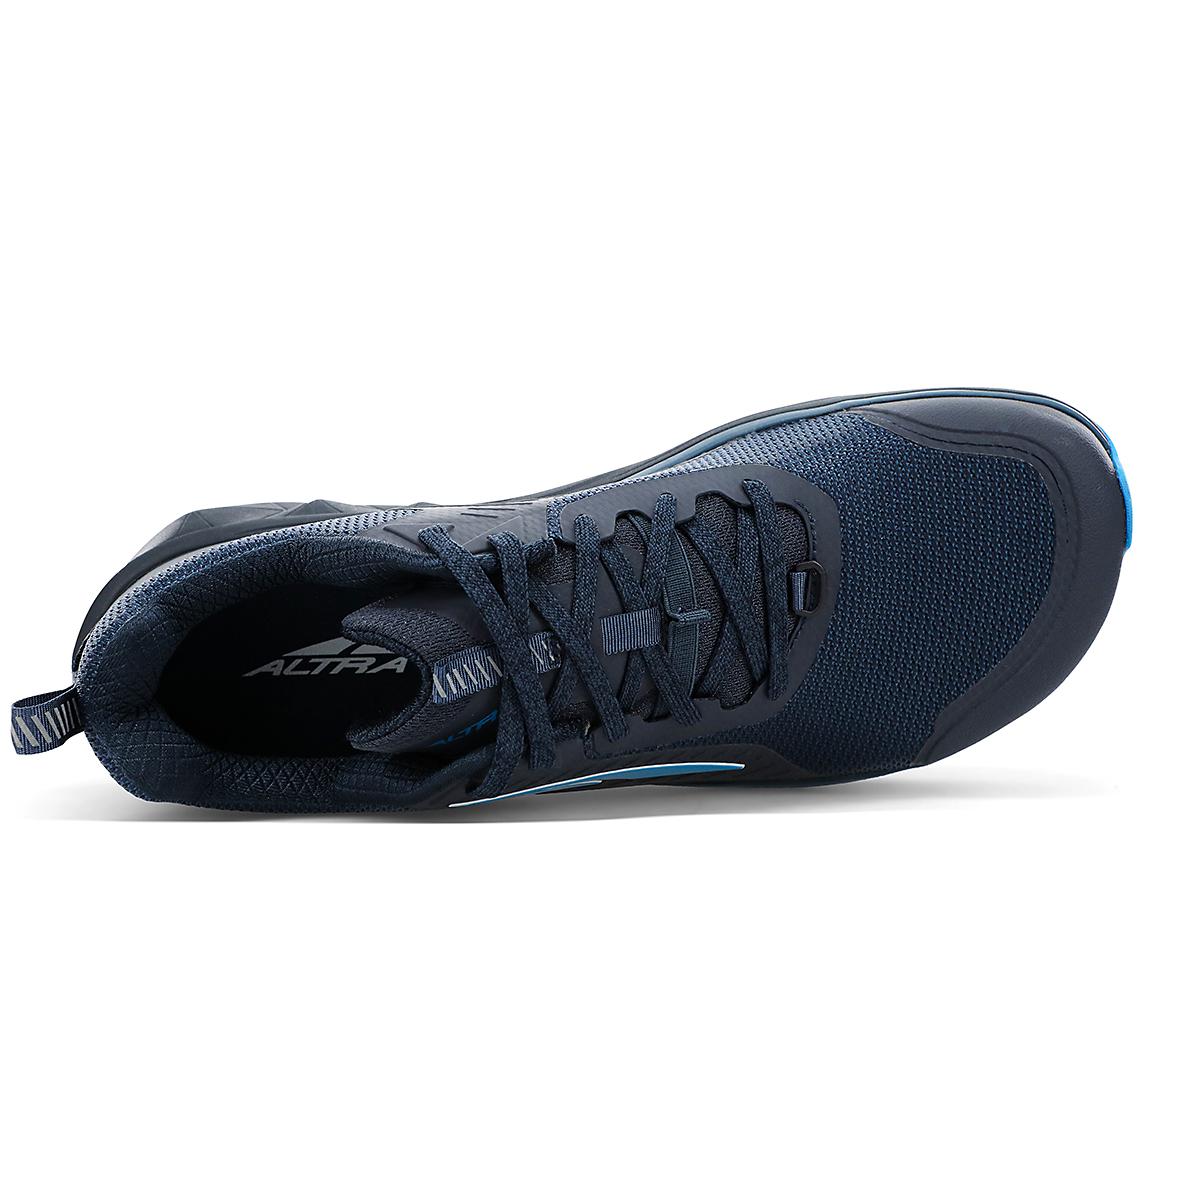 Men's Altra Timp 3 Trail Running Shoe - Color: Dark Blue - Size: 7 - Width: Regular, Dark Blue, large, image 3